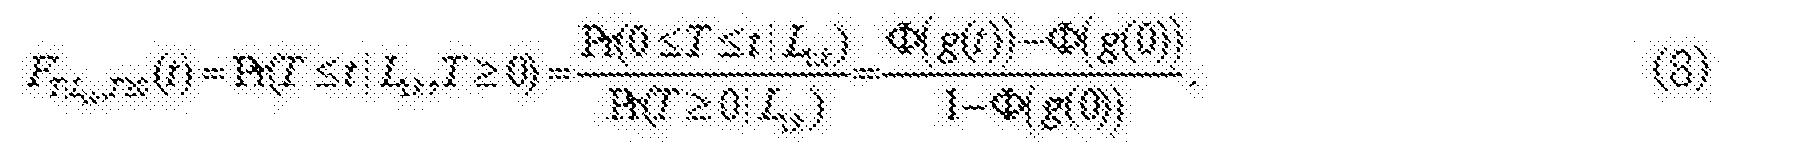 Figure CN104573881BD00154